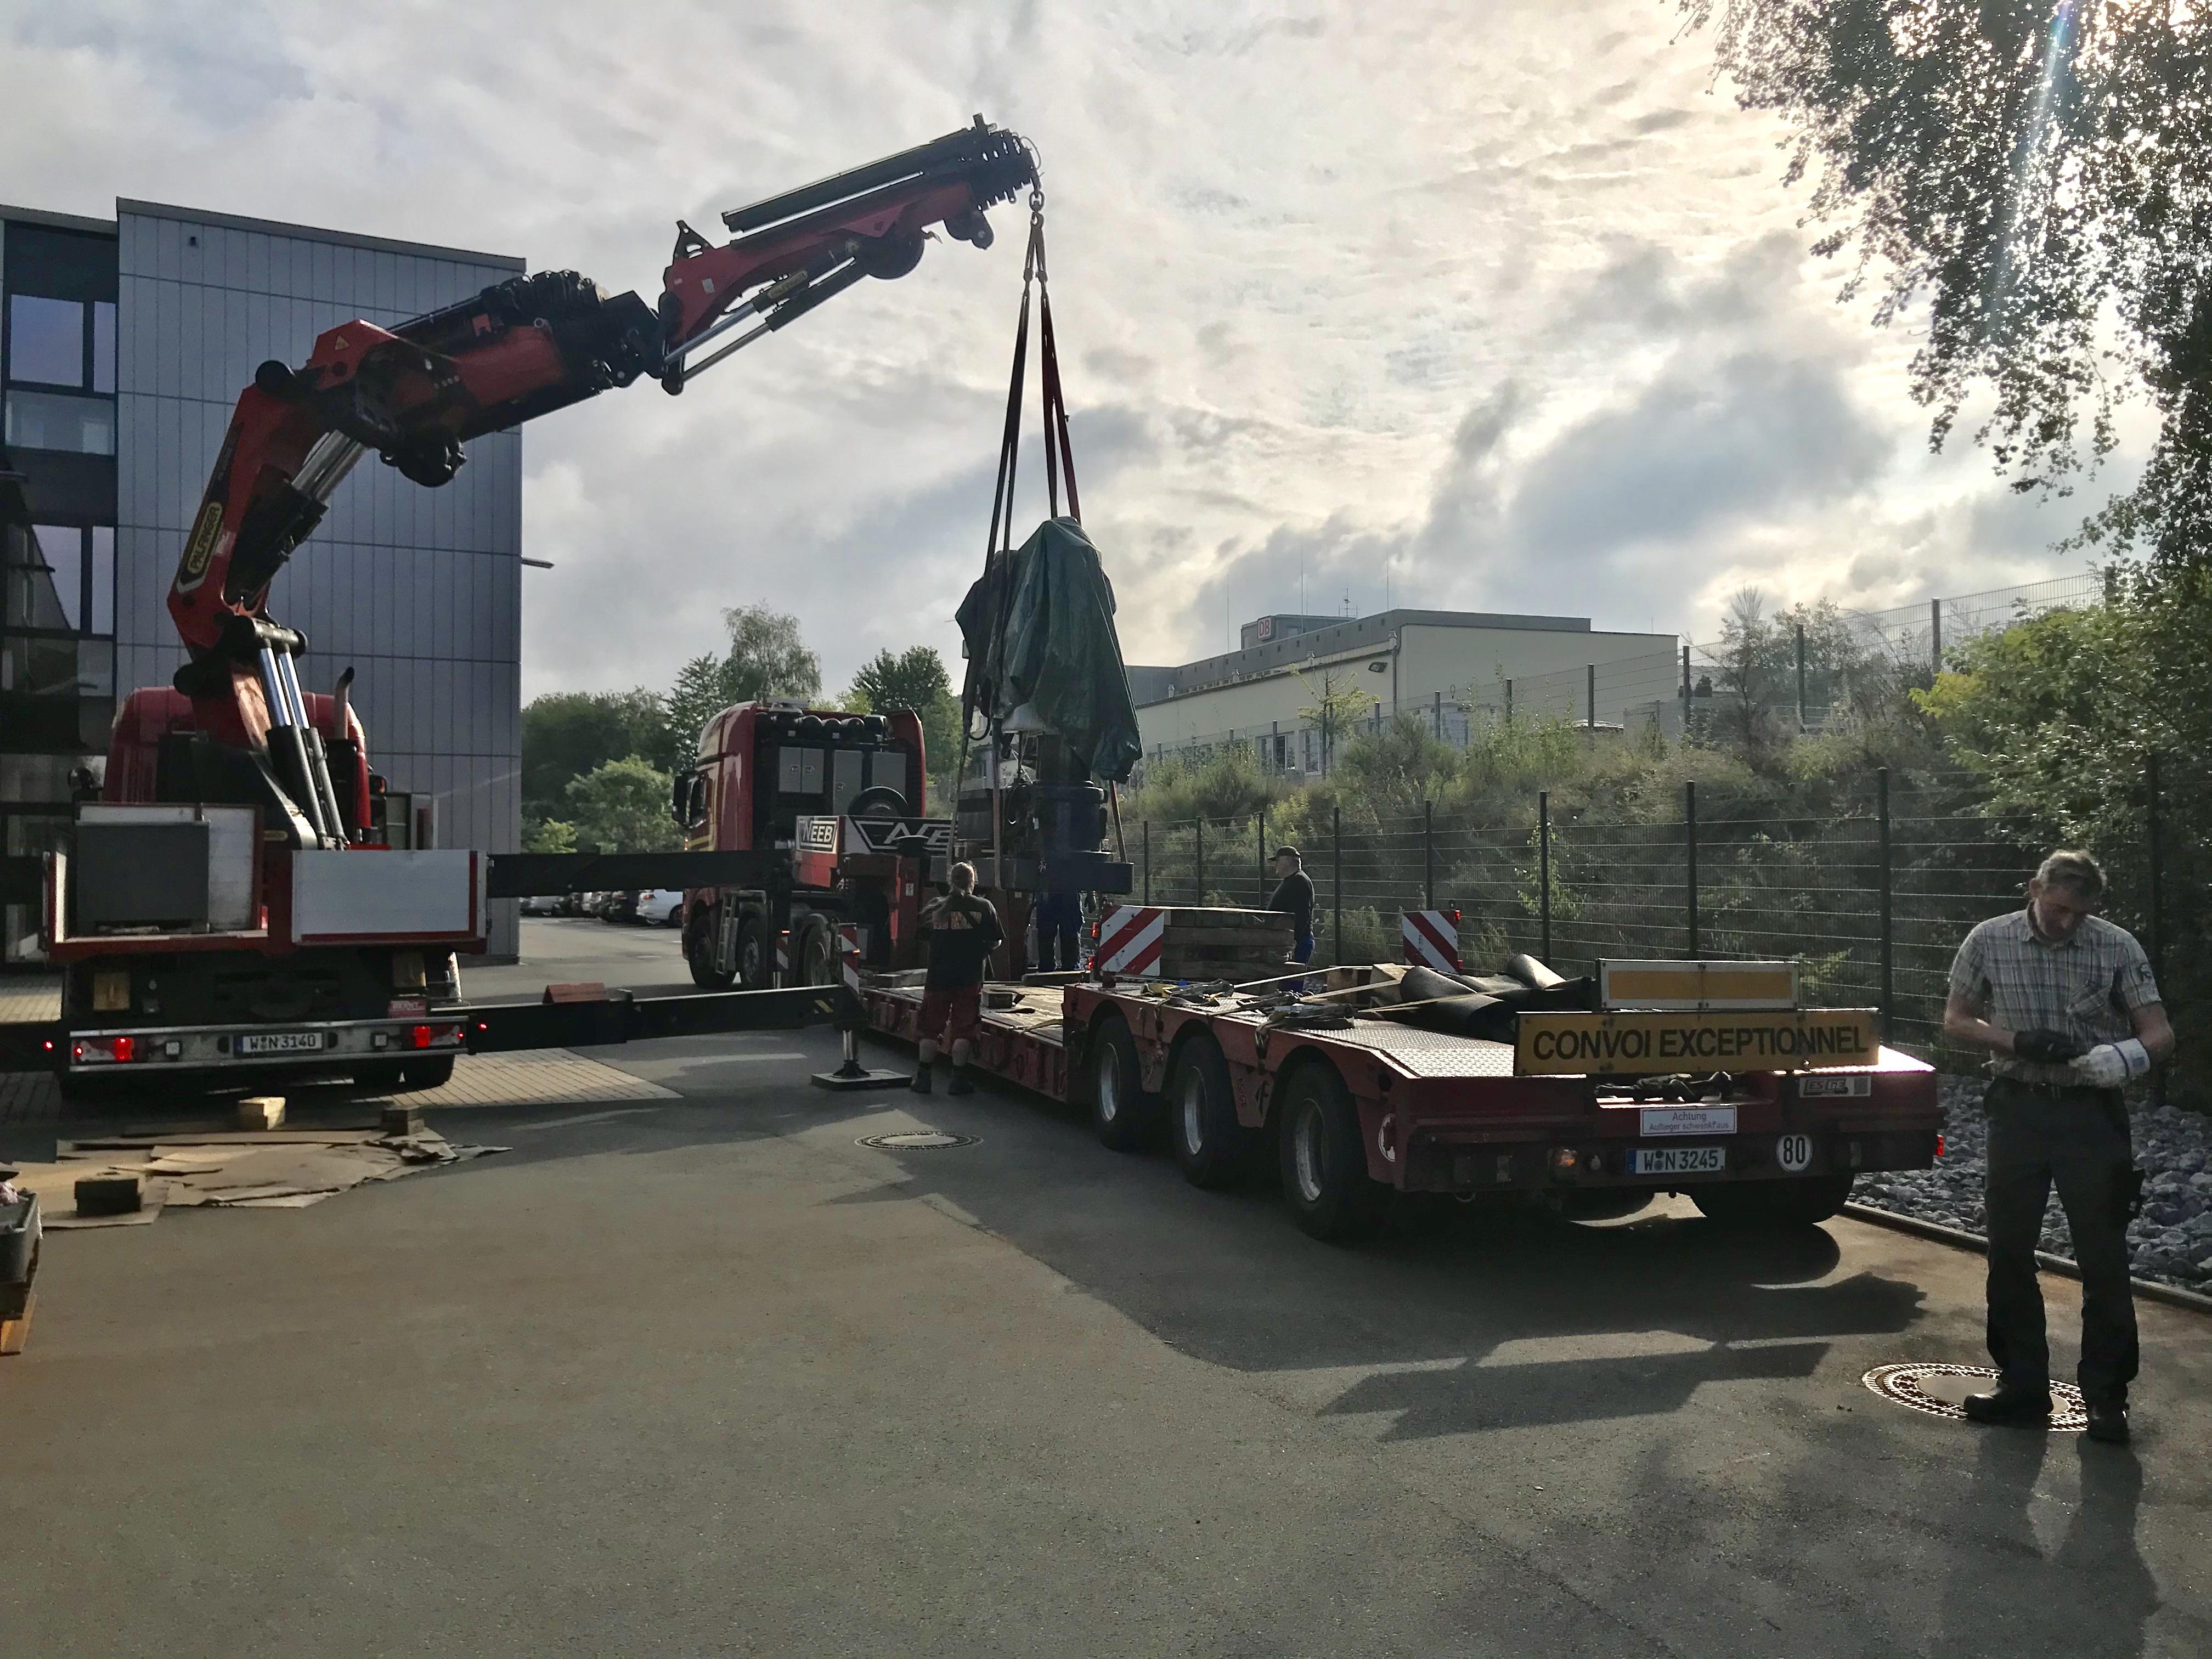 Grimmert-Recycling - Maschinentransport | Abtransport einer Insustrieanalge durch Grimmert-Recycling